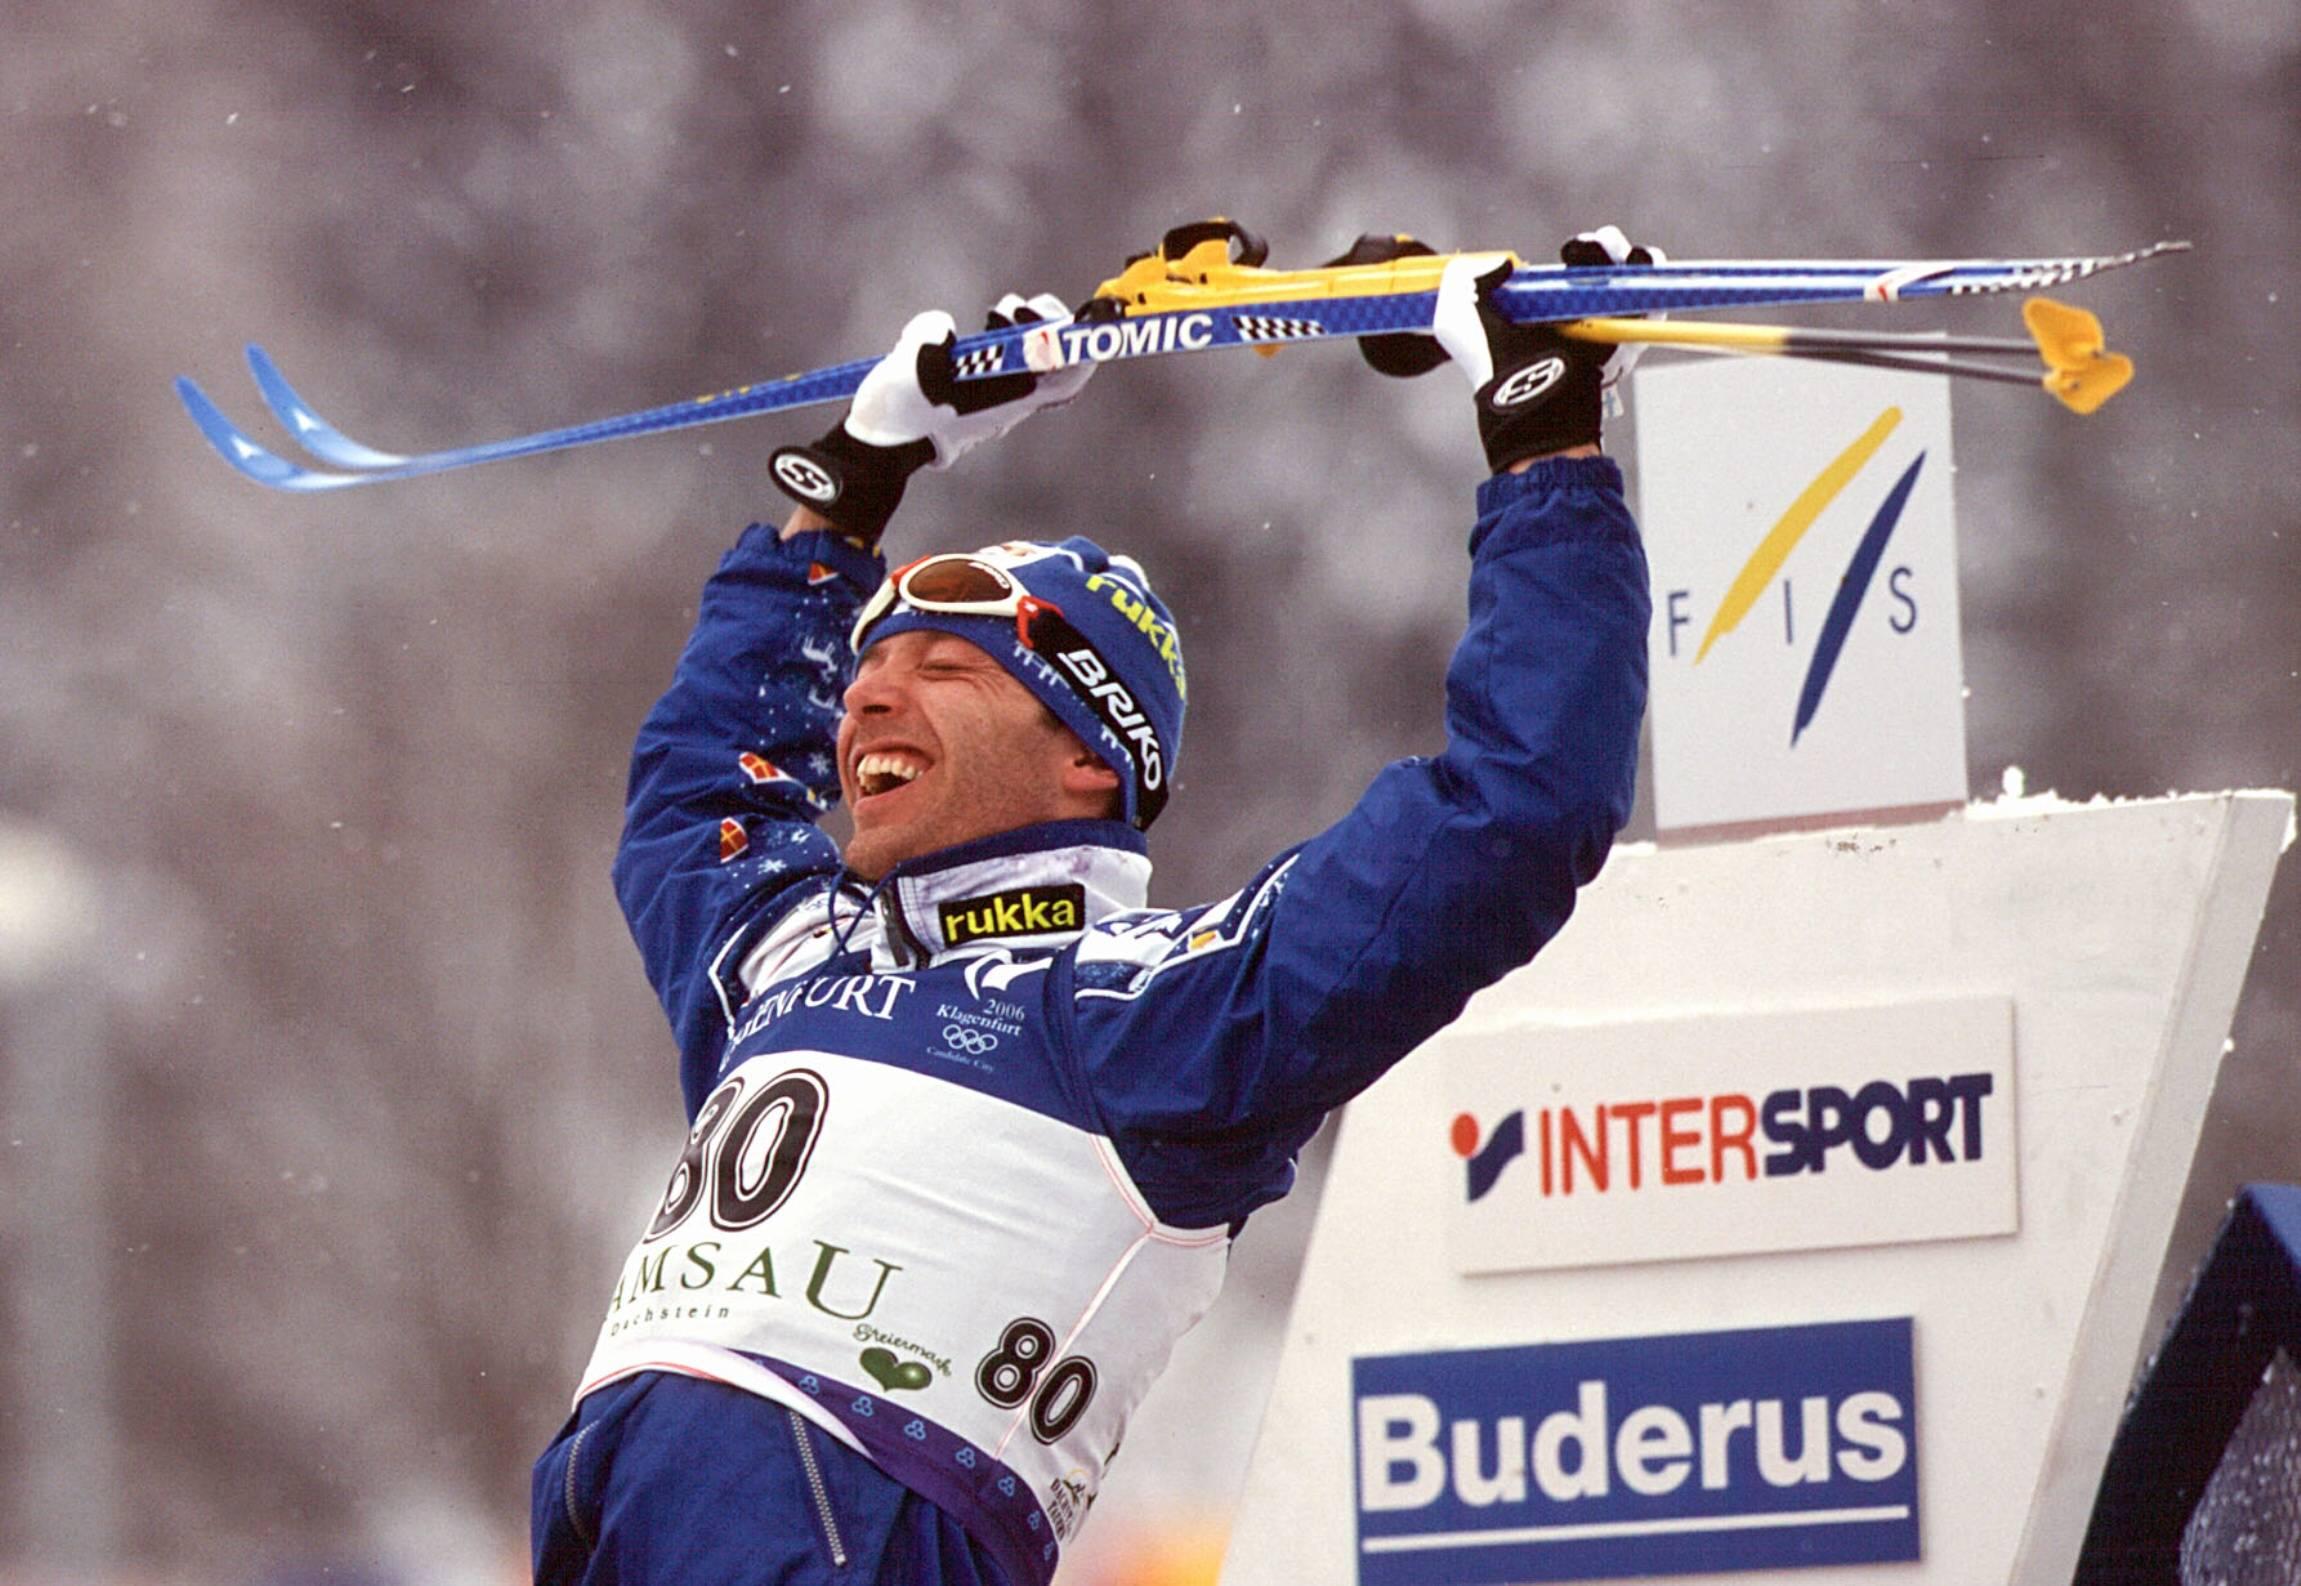 Mykistävän hyvä Mika Myllylä hiihti kolme kultamitalia Ramsaun MM-kisoissa 1999.